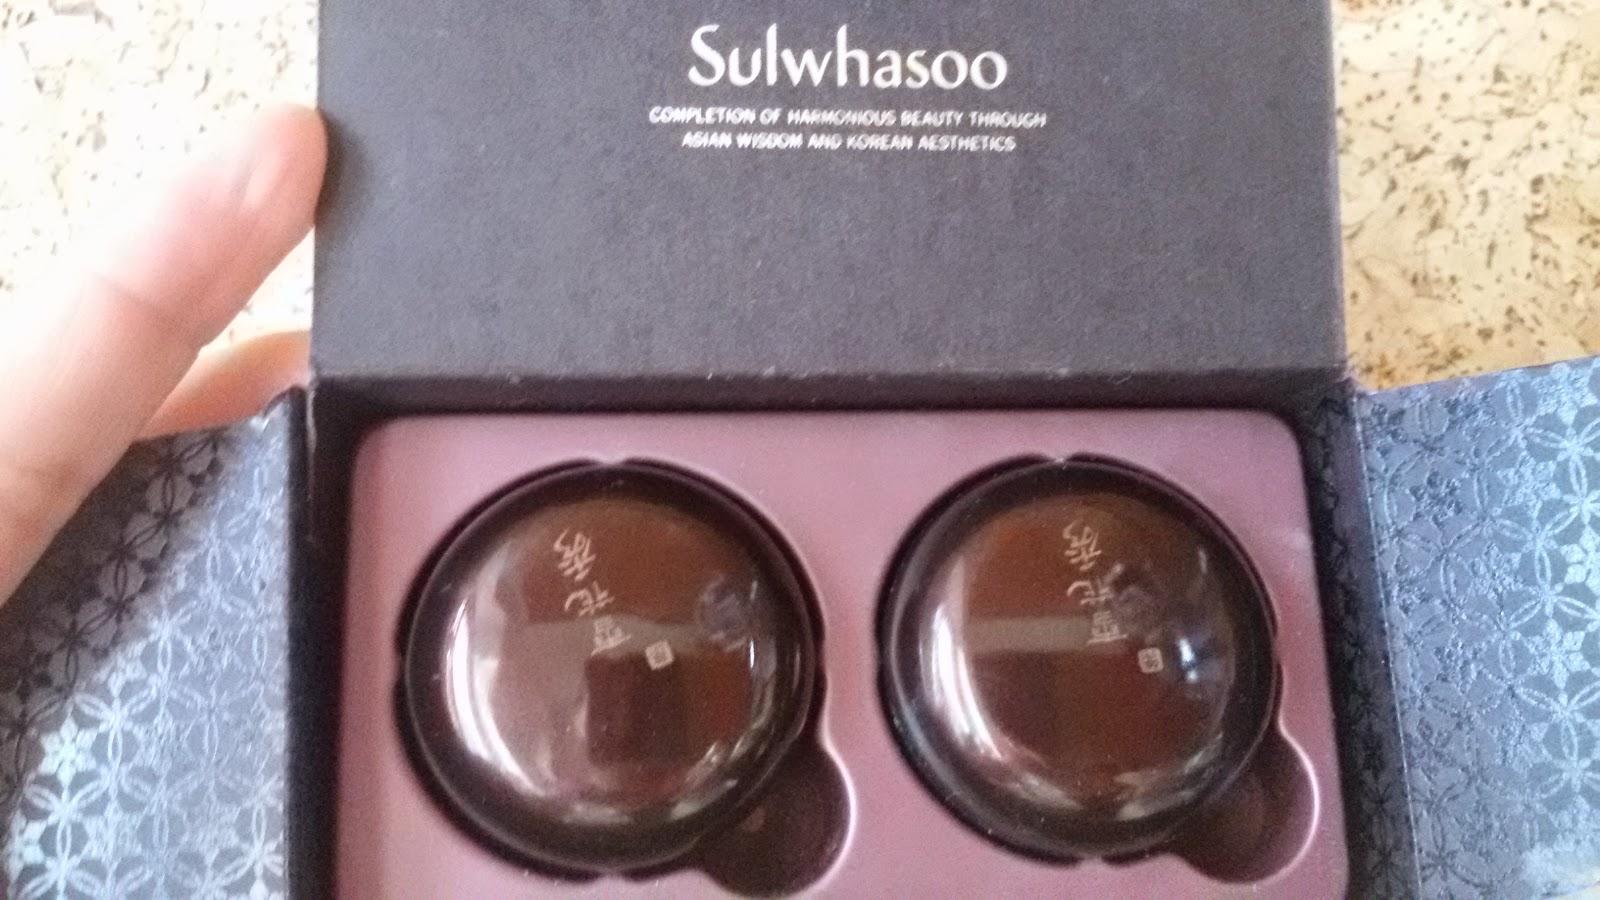 Тональная основа Sulwhasoo Extra Refining Radiance makeup